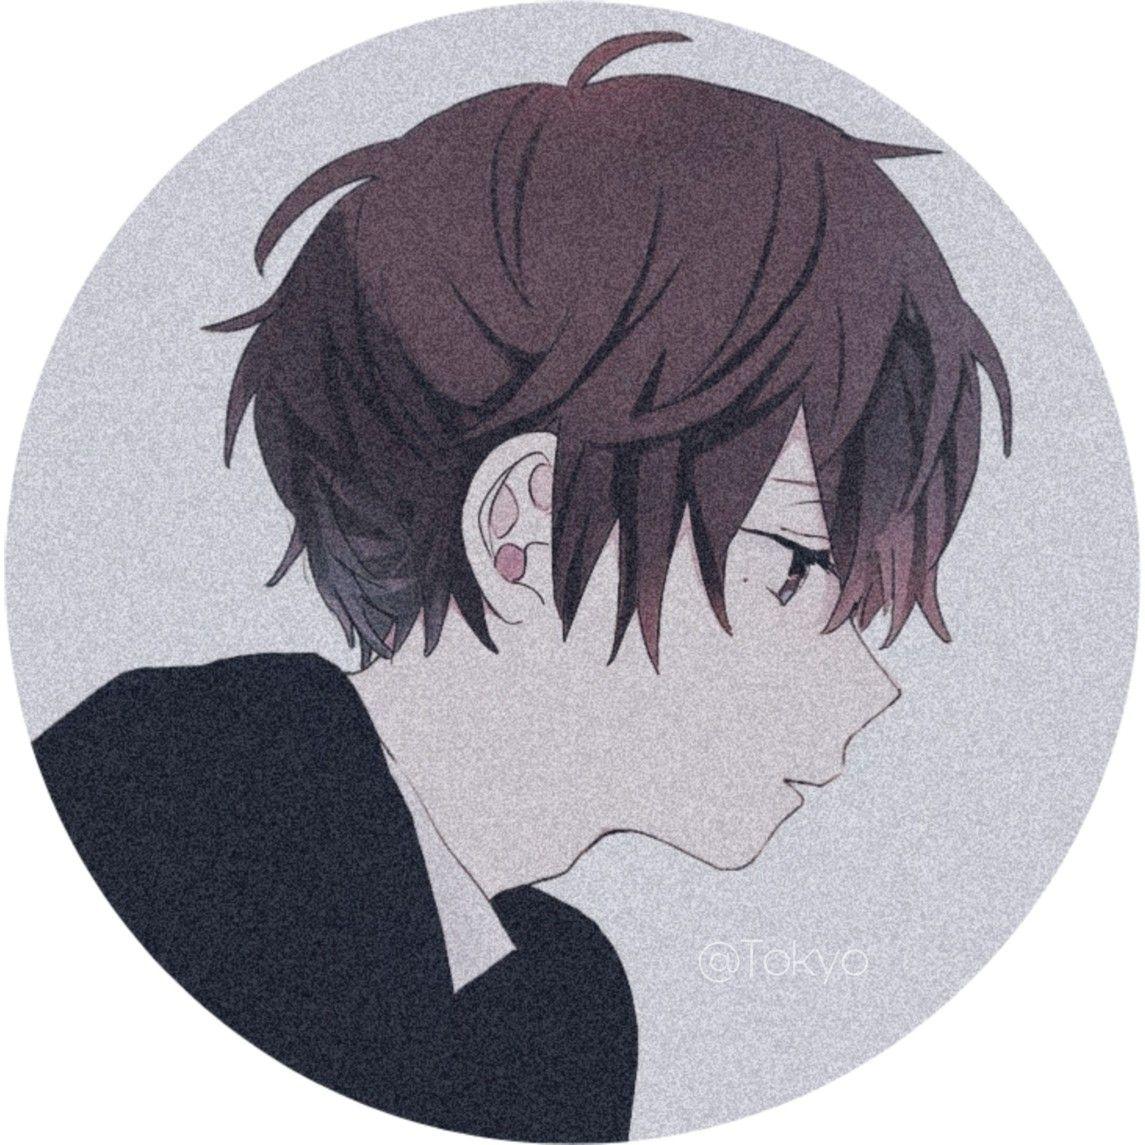 実 — Tokyo .♡ in 2020 Best anime drawings, Aesthetic